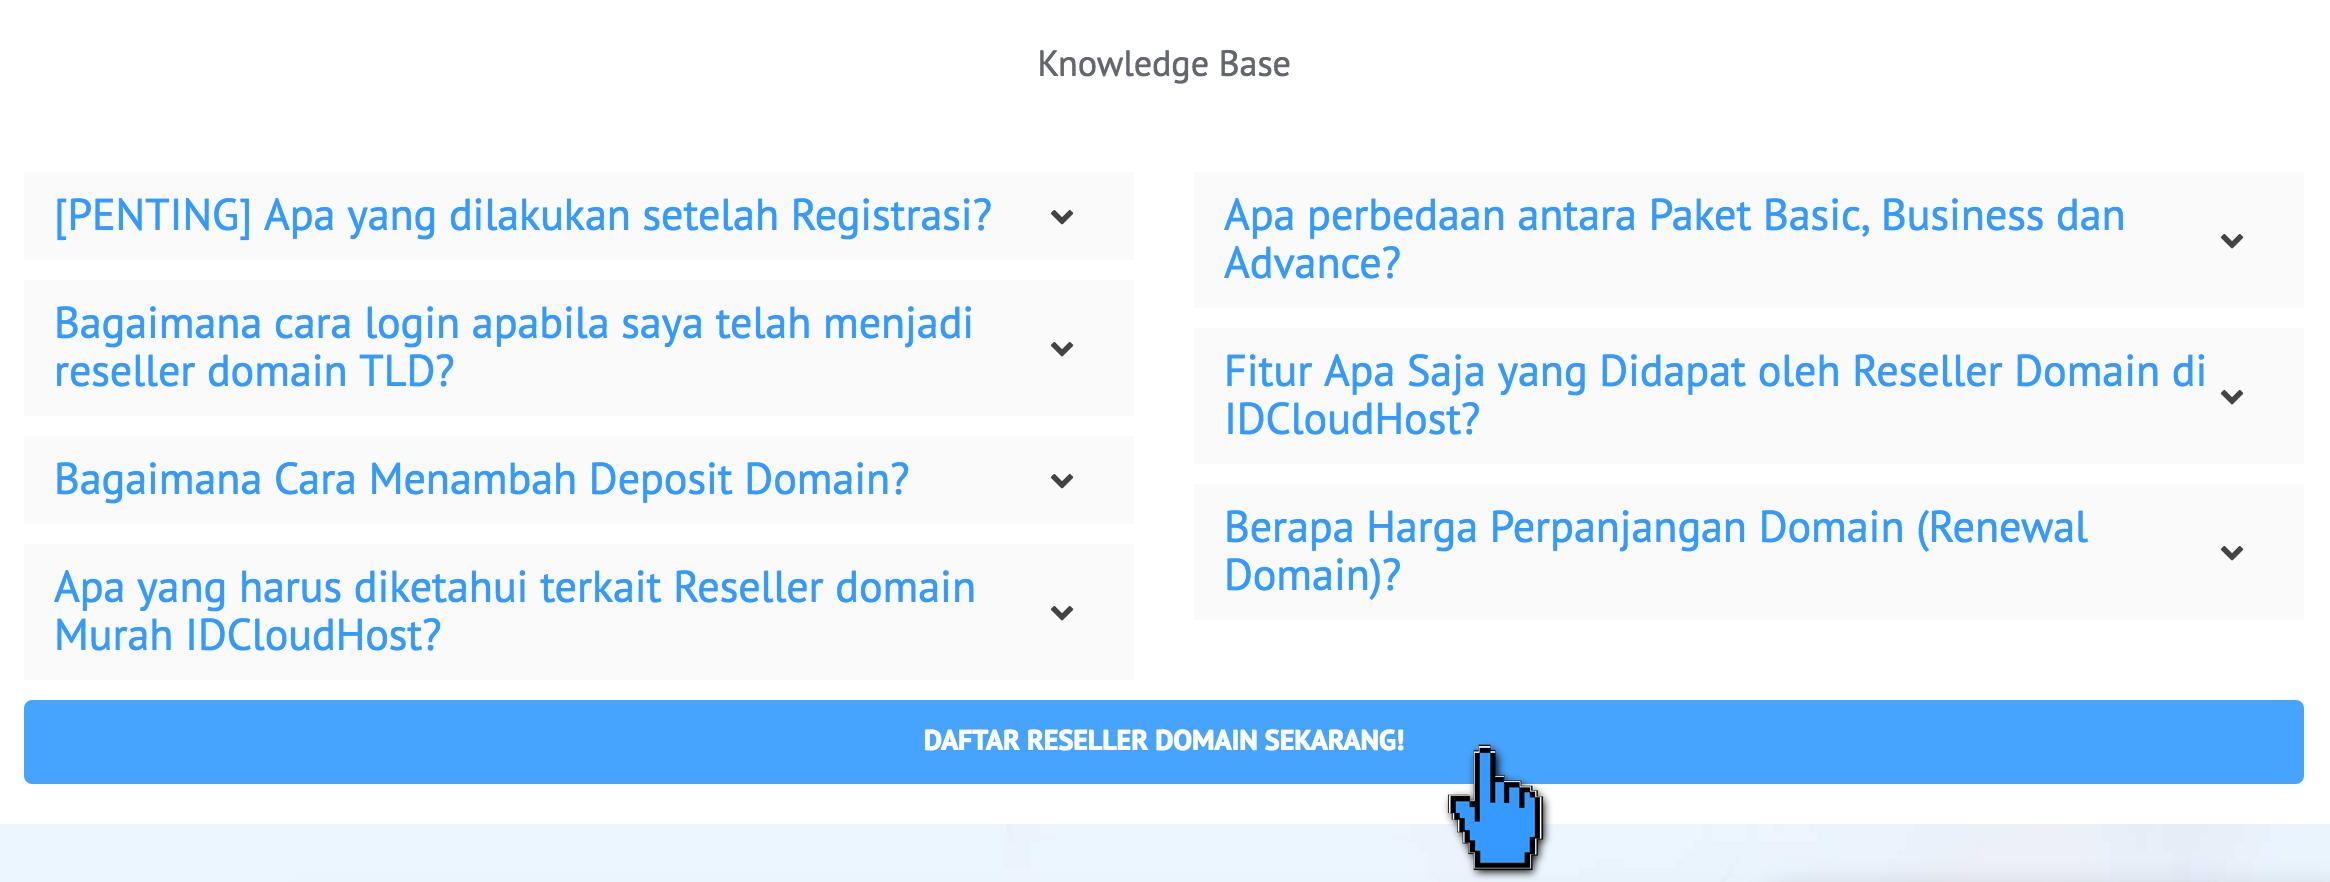 Cara Order Layanan Reseller Domain 2